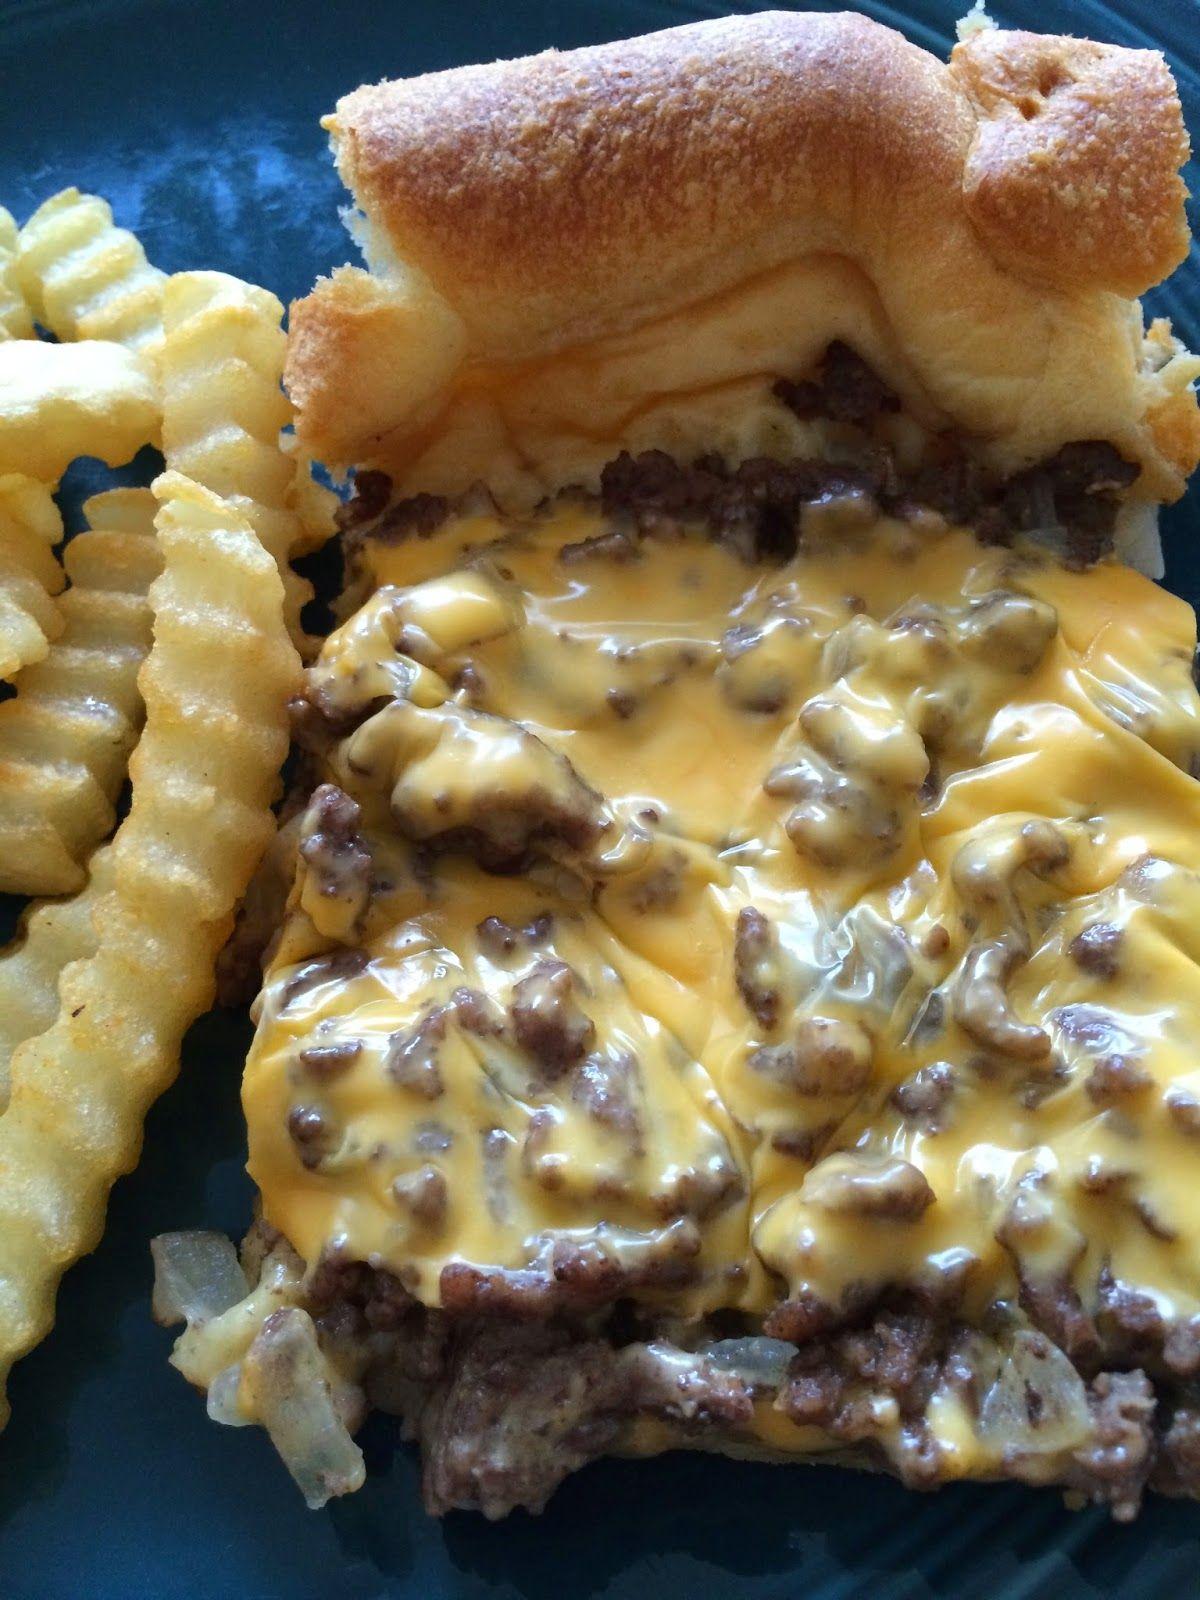 Cheeseburger Pie 1 1 5 Lbs Ground Beef 2 Pillsbury Dough Crescent Roll Tubes 1 Pint Sour Cream